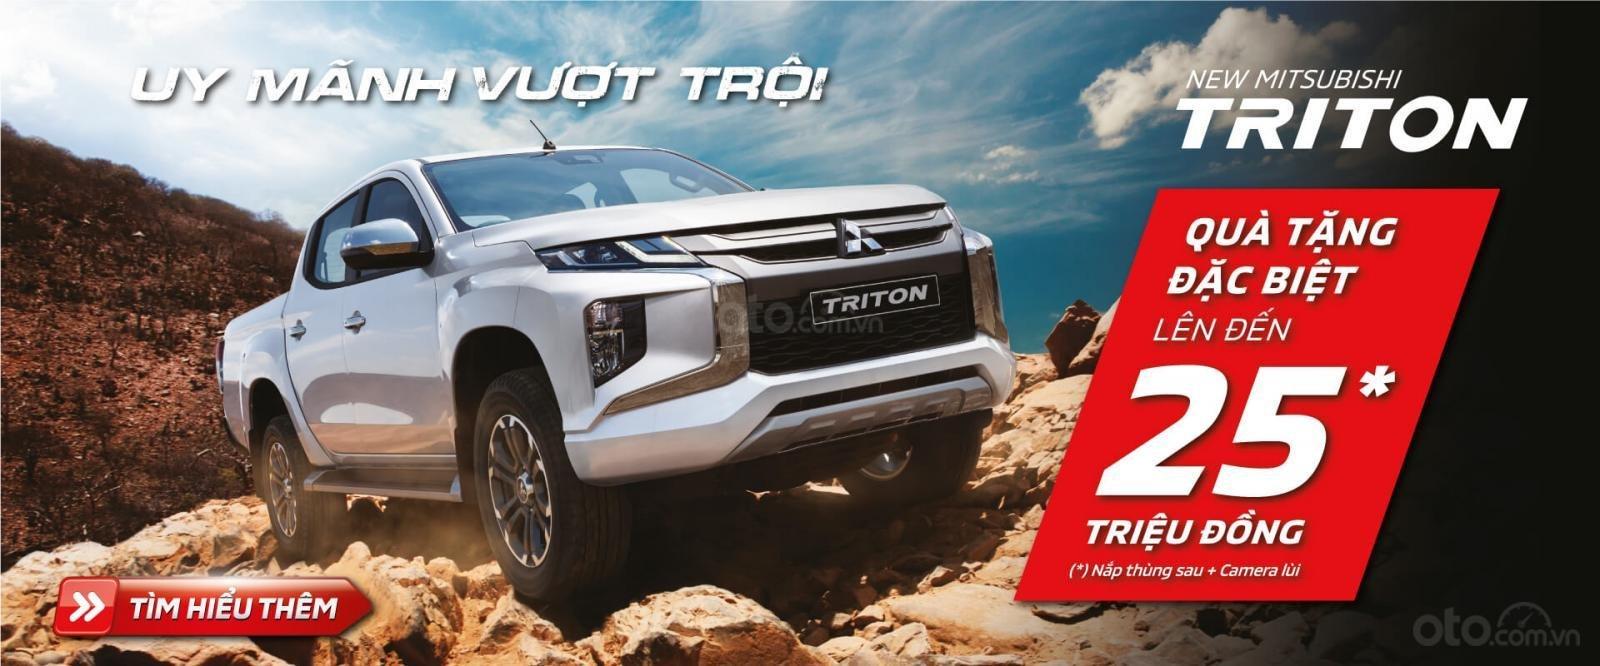 Giá xe Mitsubishi Triton 2019 tại Nghệ An - Hà Tĩnh, hotline 0979.012.676-1